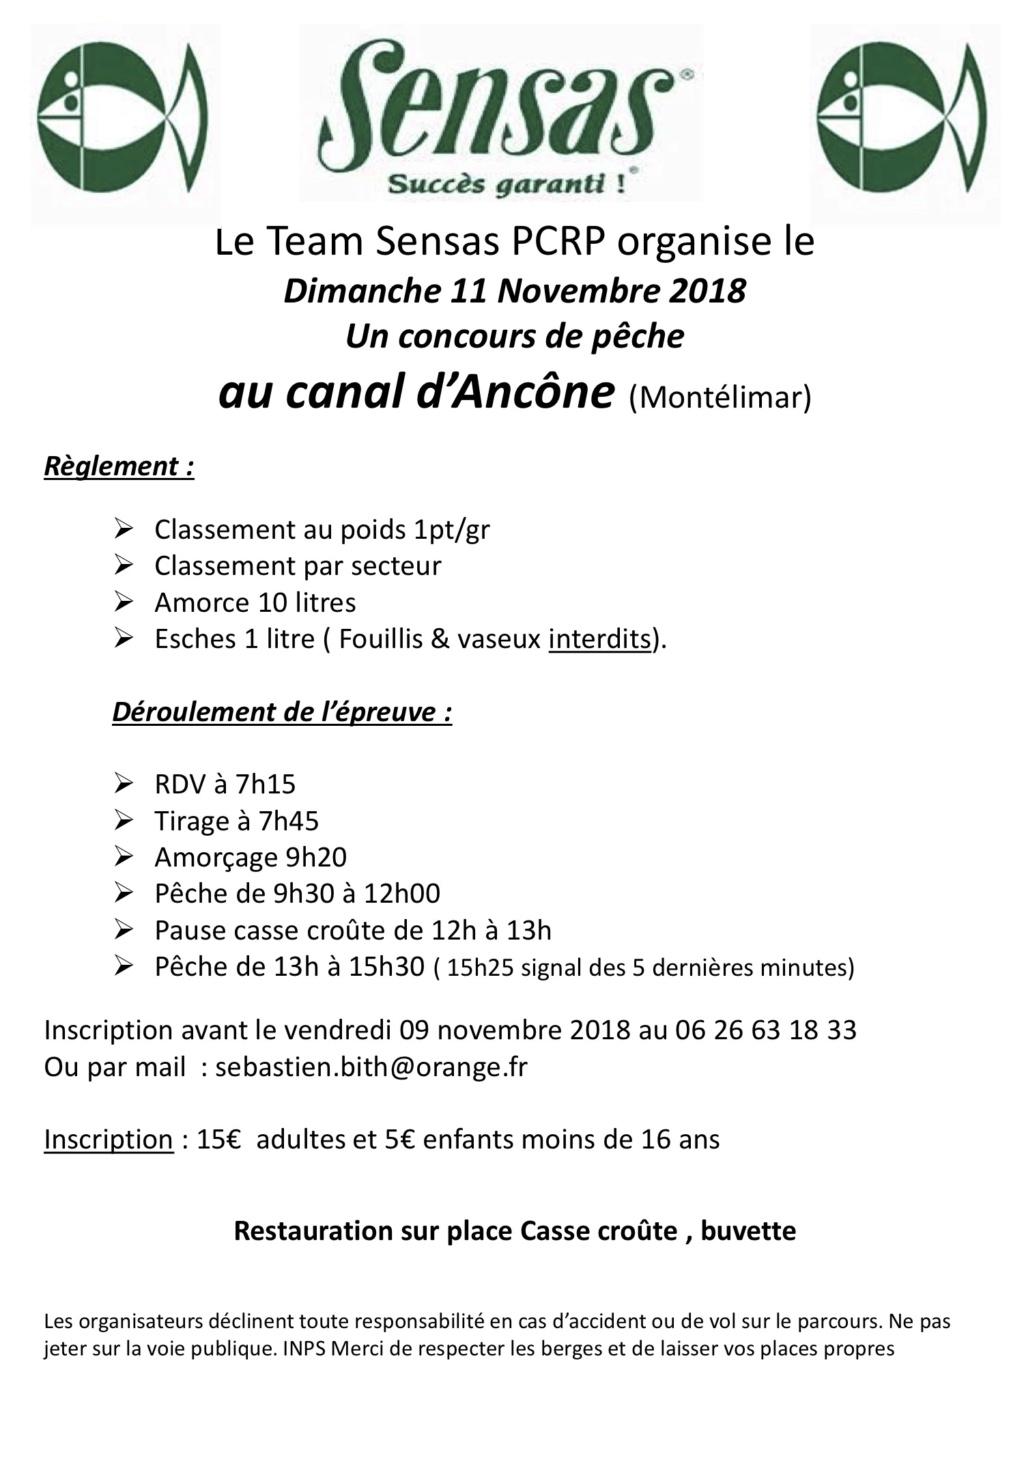 Concours canal d' Ancône 11/11 Affich10